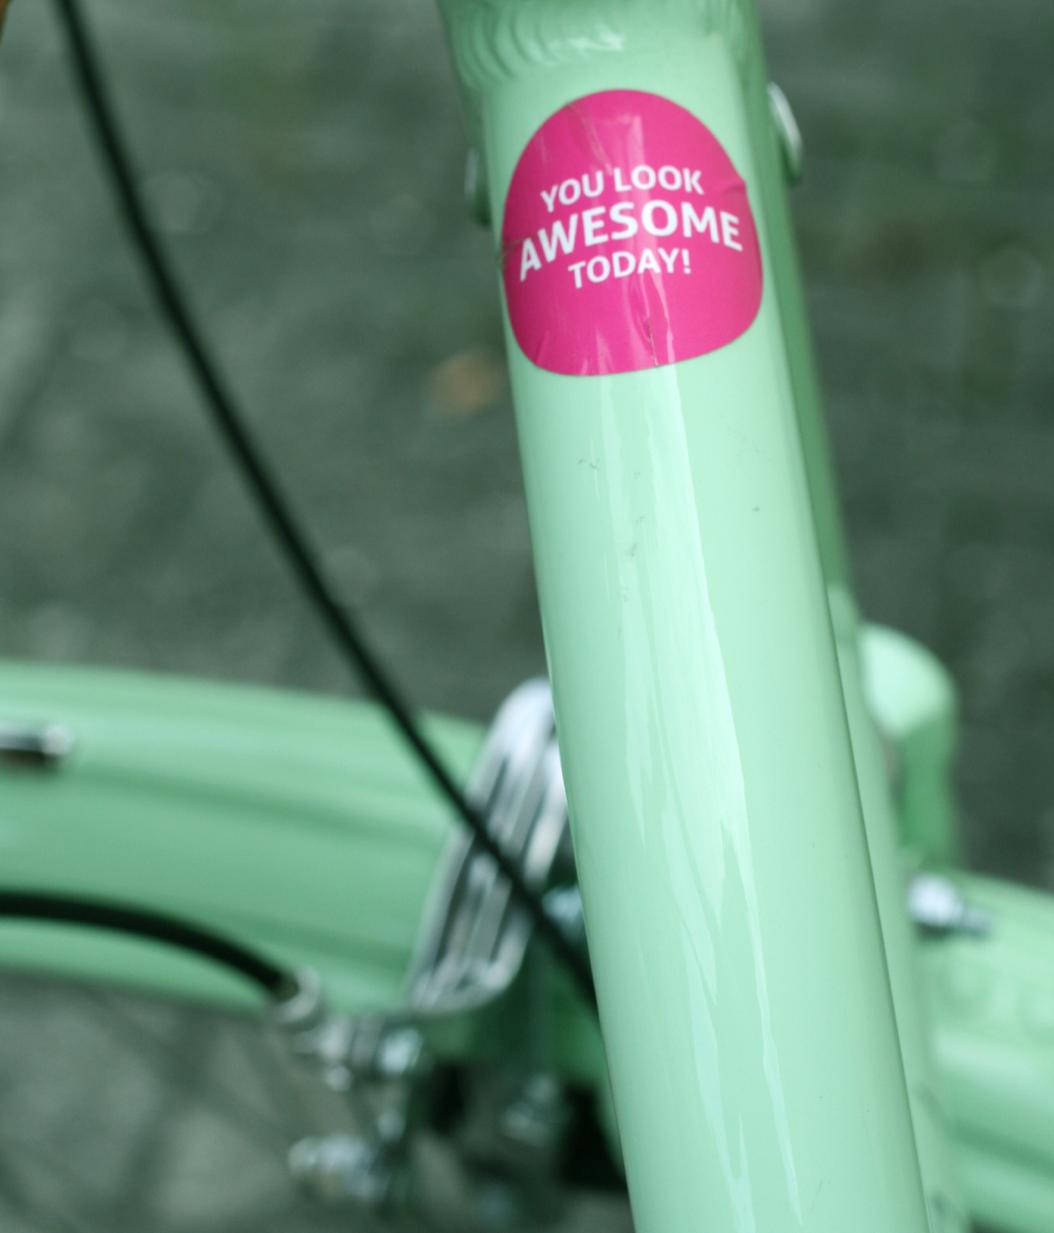 maybeyoulike_electra_amsterdam_bike_2